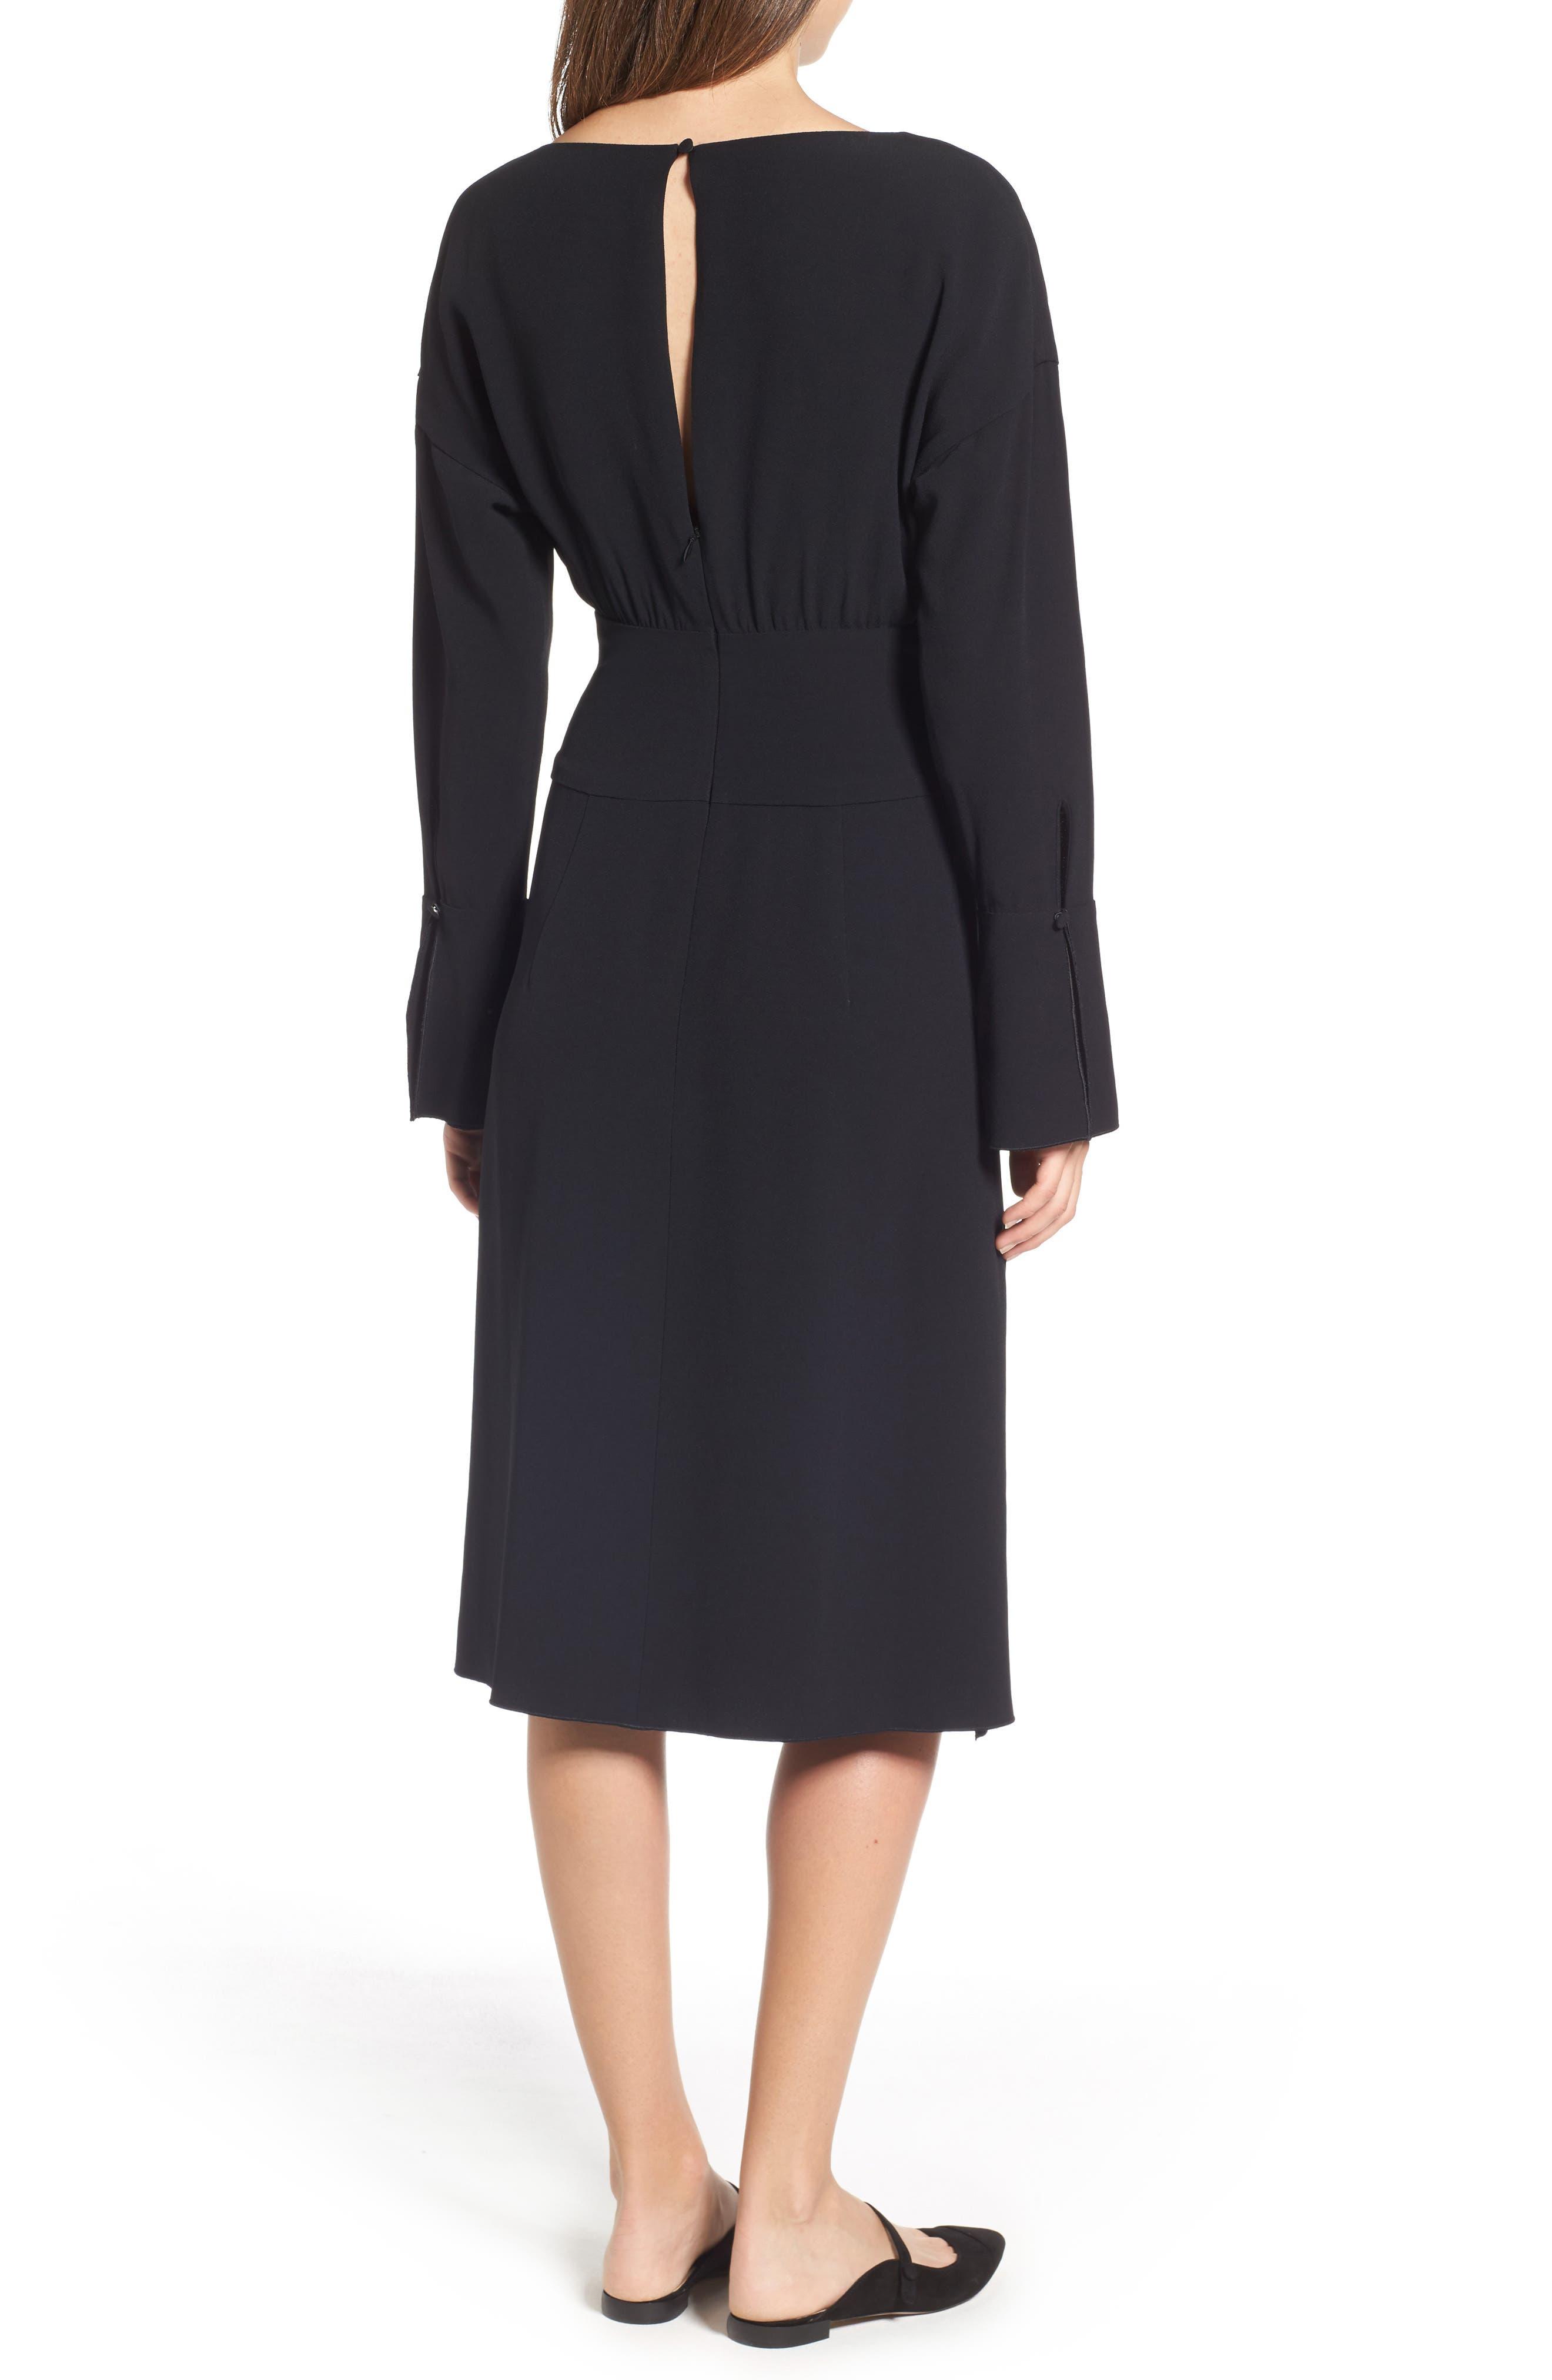 LEWIT,                             Button Detail Matte Crepe Midi Dress,                             Alternate thumbnail 2, color,                             001